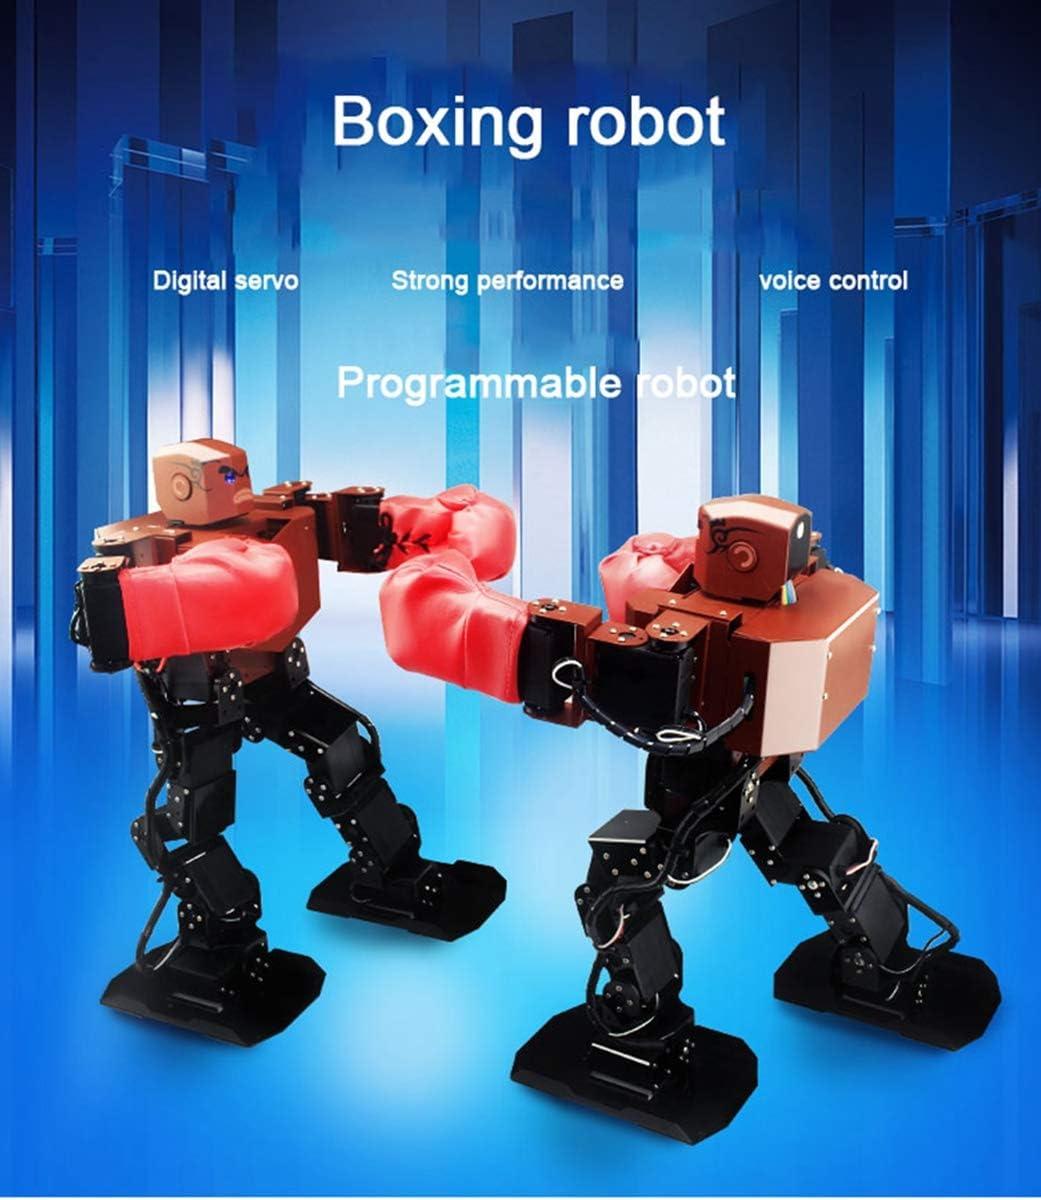 HARLT Boxeo Inteligente Lucha Robot Humanoide Programable Soporte De MP3 Espectáculo De Danza Educativos Científicos De Alto Juguetes Tecnológicos: Amazon.es: Deportes y aire libre